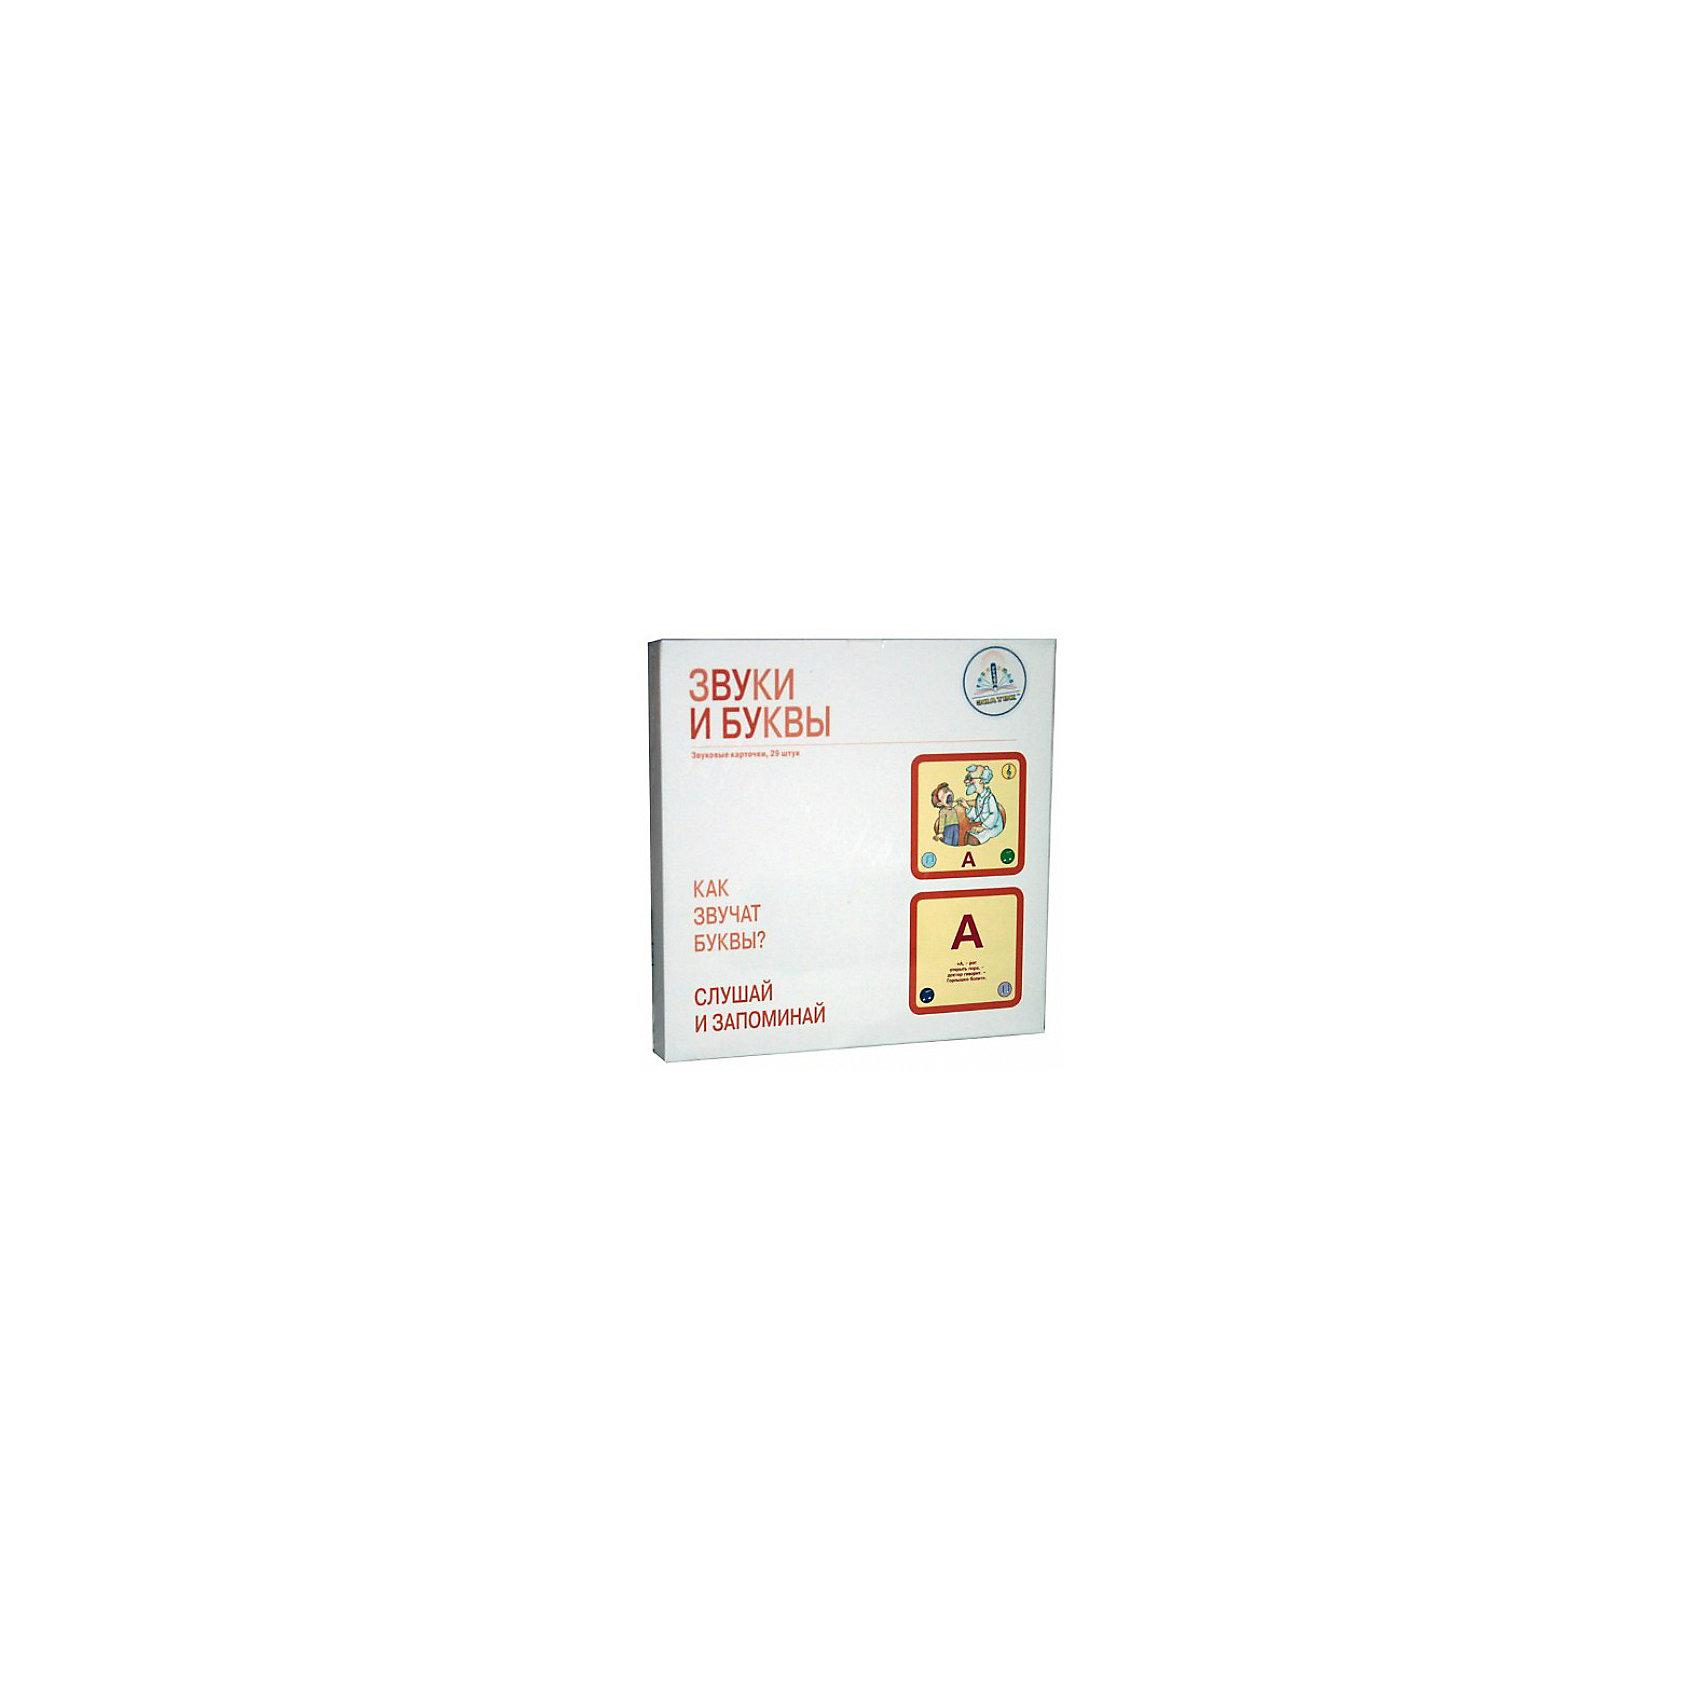 Набор карточек Звуки и буквы 29 штГоворящие ручки с книгами<br>Набор карточек Звуки и буквы 29 шт., Знаток<br><br>Характеристики:<br><br>• научит ребенка правильно произносить звуки<br>• можно озвучить с помощью ручки Знаток (в комплект не входит)<br>• количество карточек: 29<br>• материал: картон<br>• размер упаковки: 15х6,5х20 см<br>• вес: 500 грамм<br><br>Набор Звуки и буквы - дополнение к серии развивающих игр от торговой марки Знаток. С его помощью ребенок узнает буквы и научится правильно произносить звуки. Карточки озвучены стихами и выражениями с соответствующим звуком. Для этого нужно поднести специальную ручку Знаток (в комплект не входит) к одному из музыкальных значков. Озвученные стихи имеют правильную расстановку и ударение, а буквы произносятся на распев. Карточки выполнены из ламинированного картона, предотвращающего случайные повреждения. С таким набором ребенок проведет время с пользой!<br><br>Набор карточек Звуки и буквы 29 шт., Знаток можно купить в нашем интернет-магазине.<br><br>Ширина мм: 150<br>Глубина мм: 165<br>Высота мм: 200<br>Вес г: 450<br>Возраст от месяцев: 36<br>Возраст до месяцев: 48<br>Пол: Унисекс<br>Возраст: Детский<br>SKU: 5296319